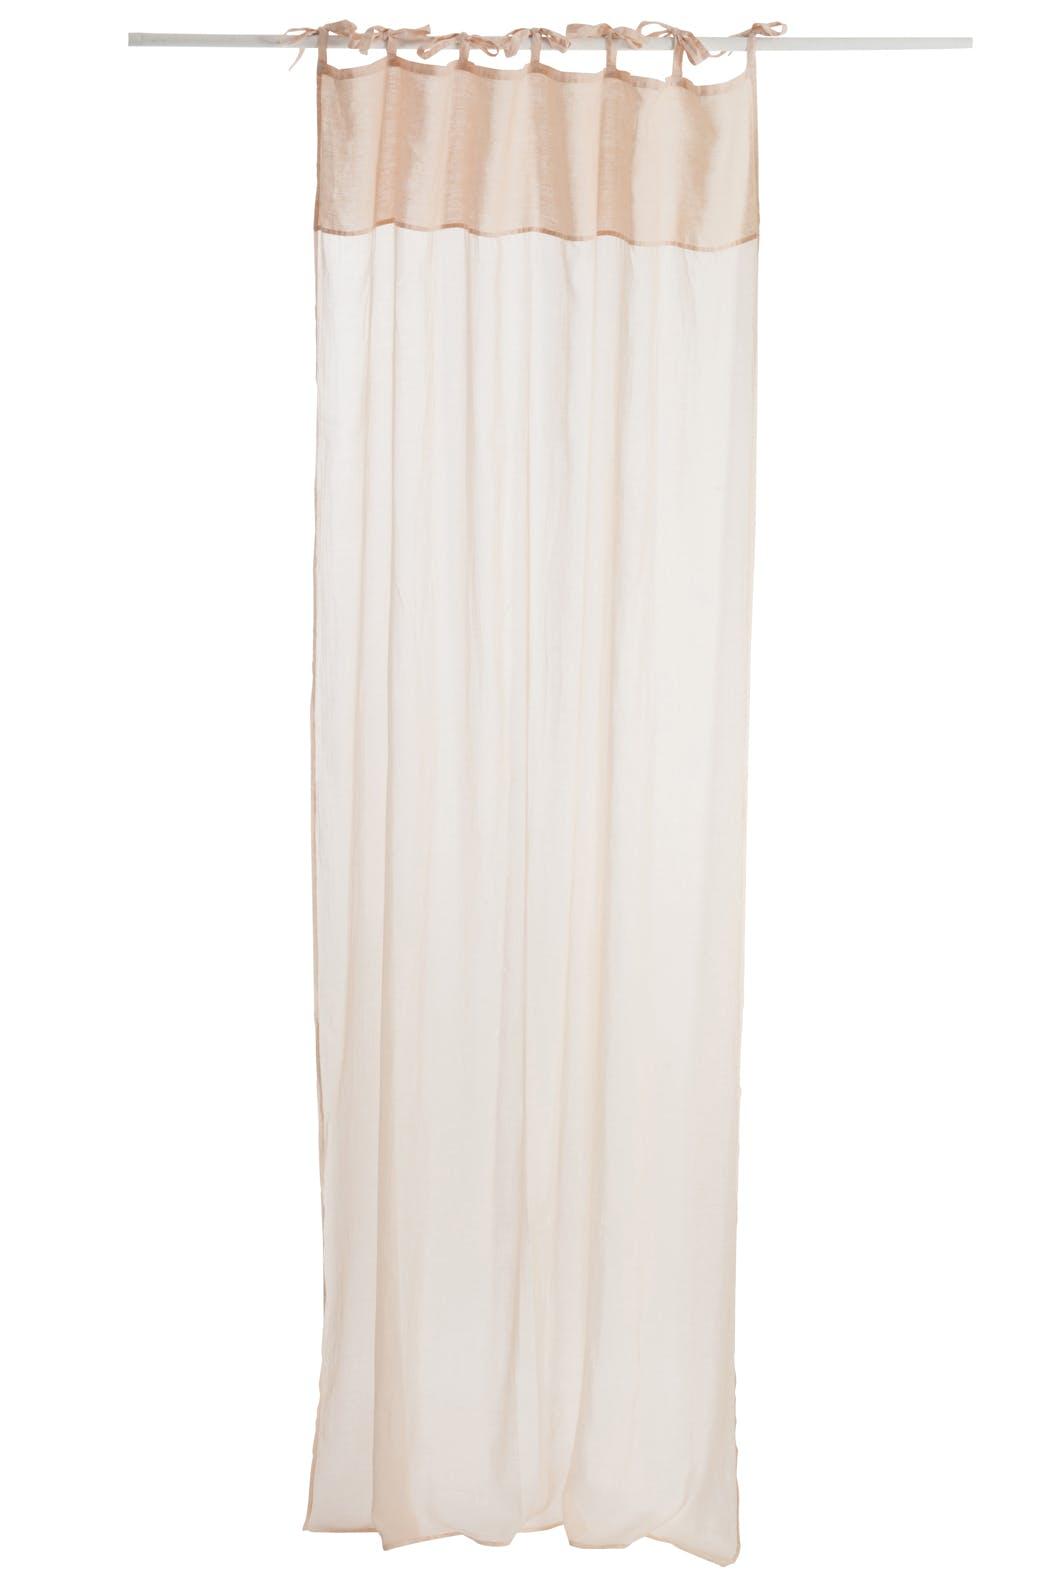 Rideau voile en coton et lin, coloris rose clair, 140x290cm